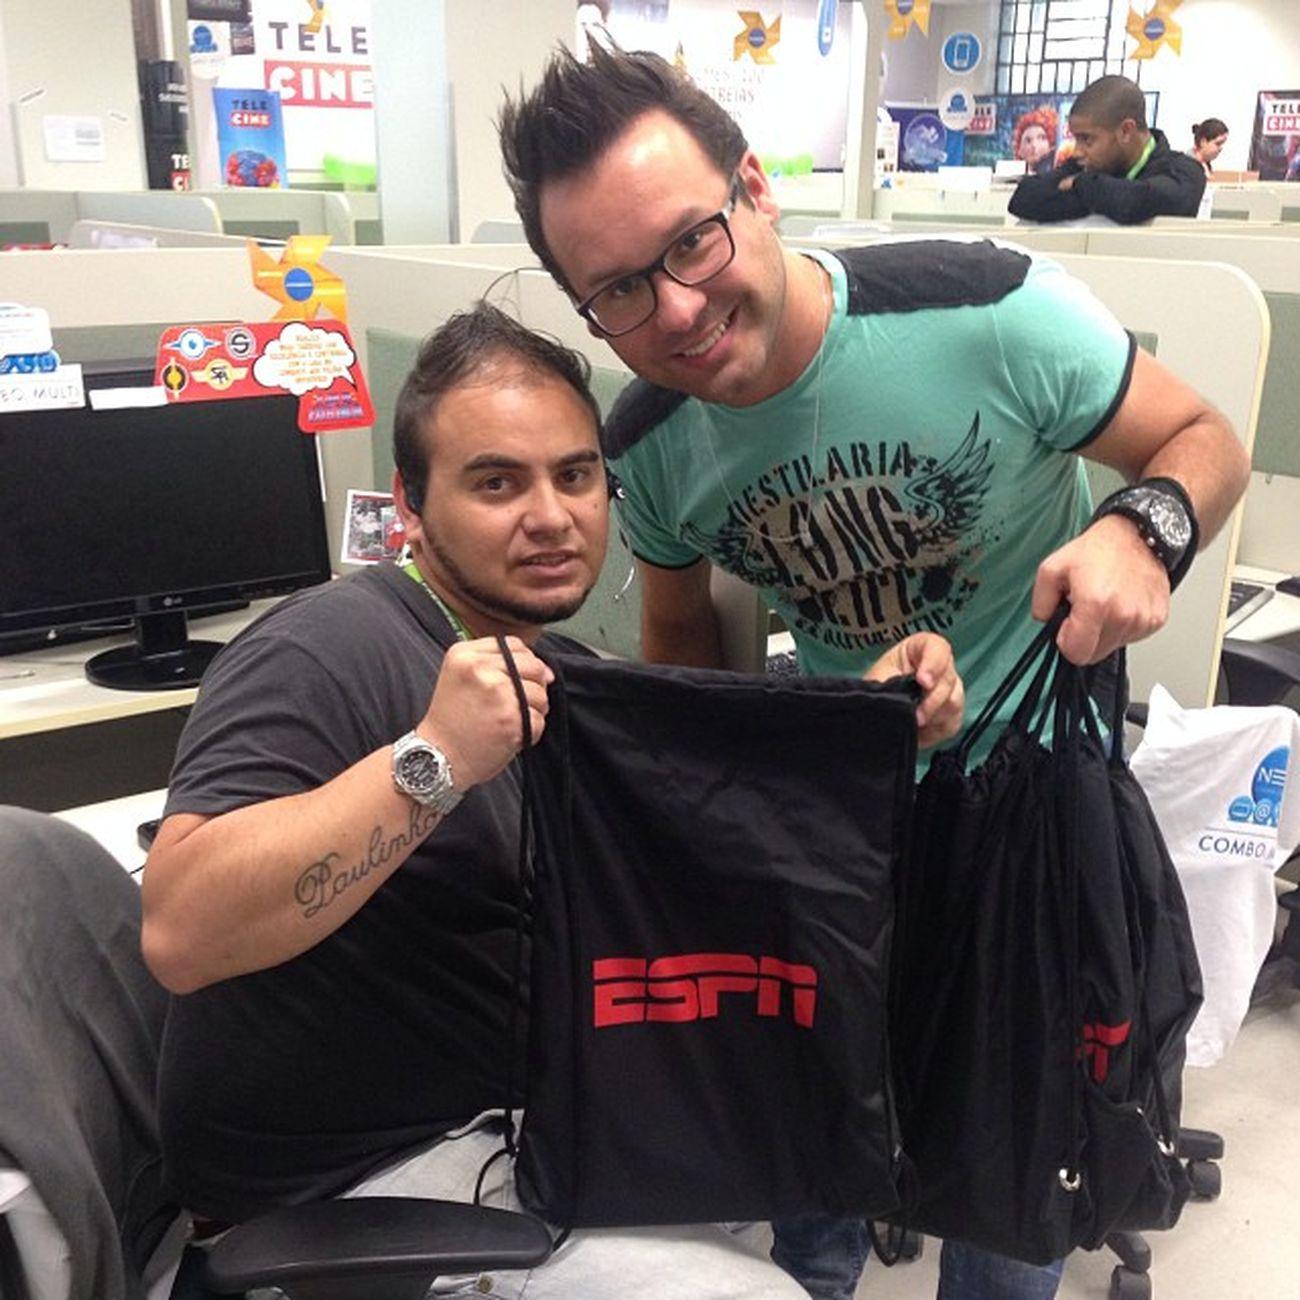 Mais brindes da campanha melhor vendedor ESPN ESPNHD ESPN ESPNBRASIL NETTV CONTAX